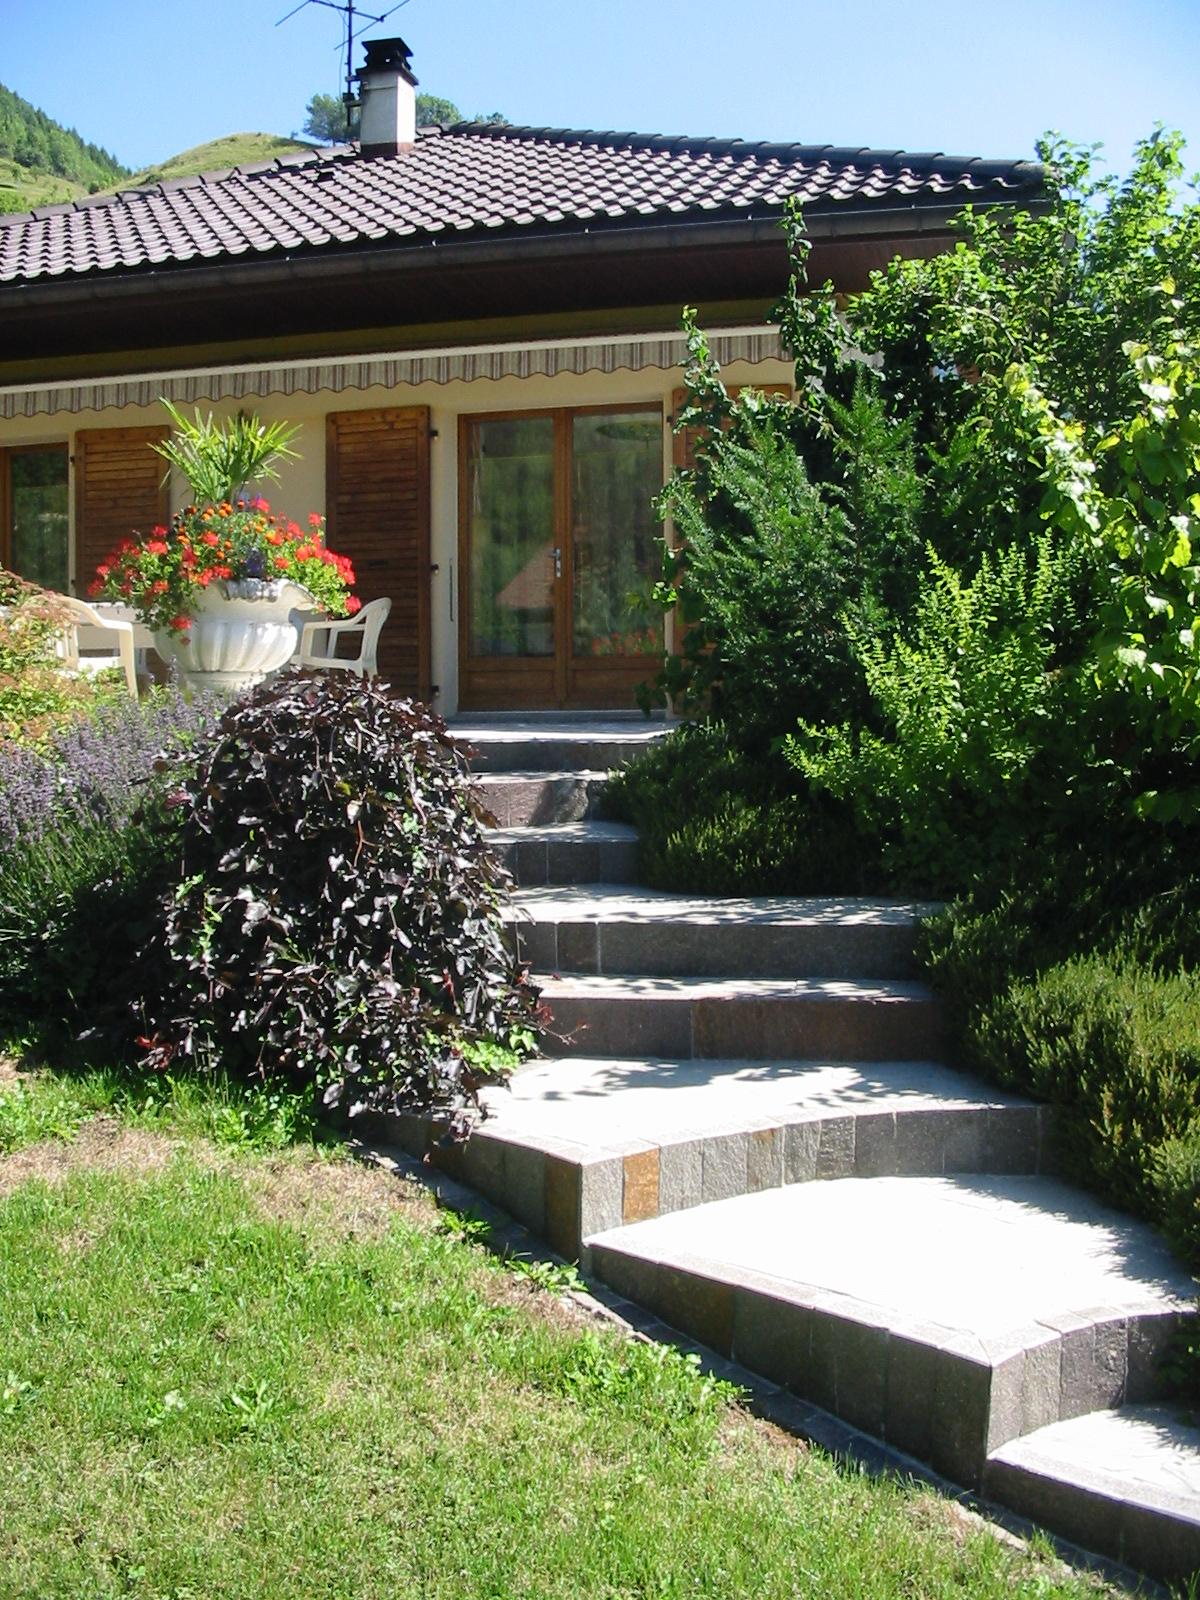 Escalier exterieur marches jardin ma onnerie de jardin for Escalier bois jardin